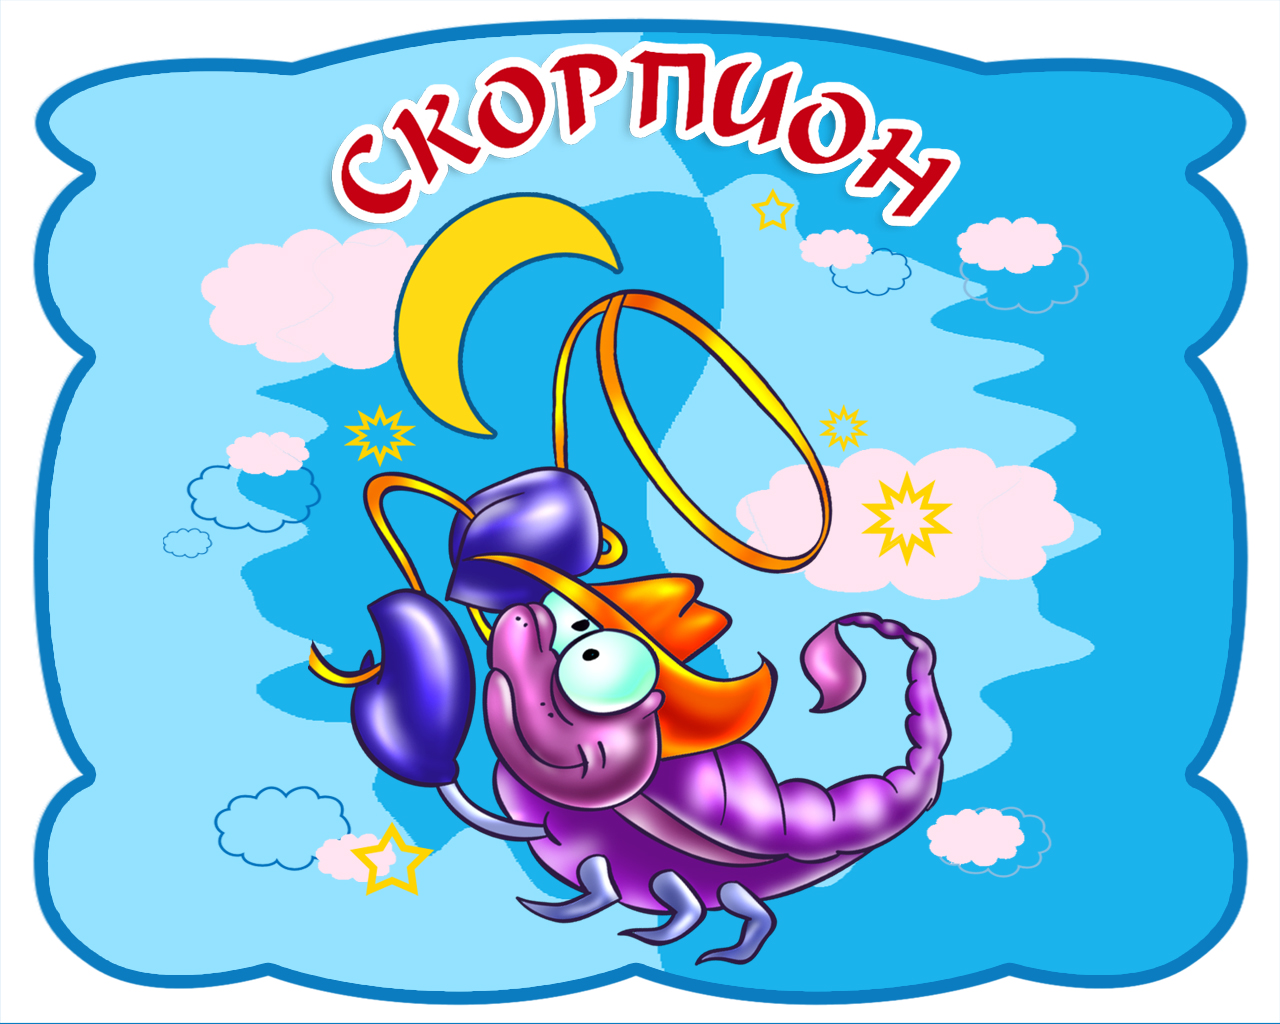 Прикольные поздравления с днем рождения для скорпиона